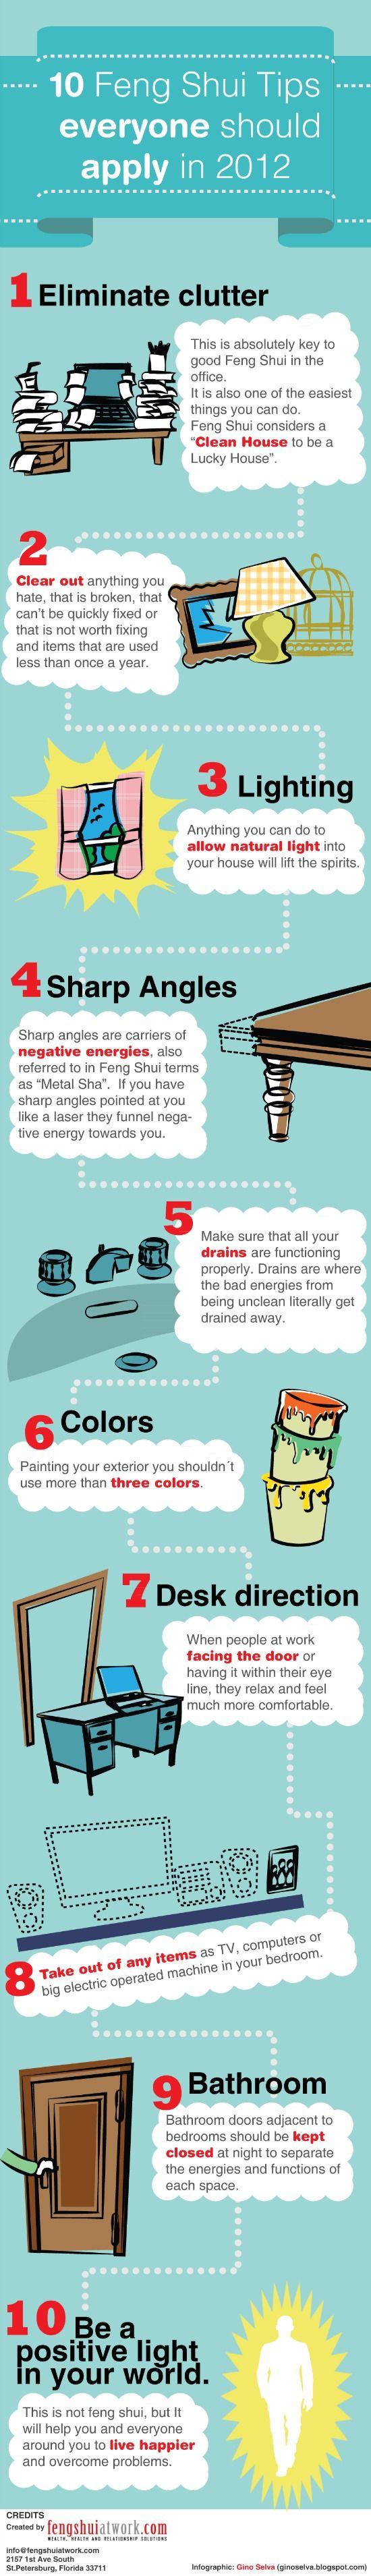 10 Feng Shui Tips Everyone Should Apply